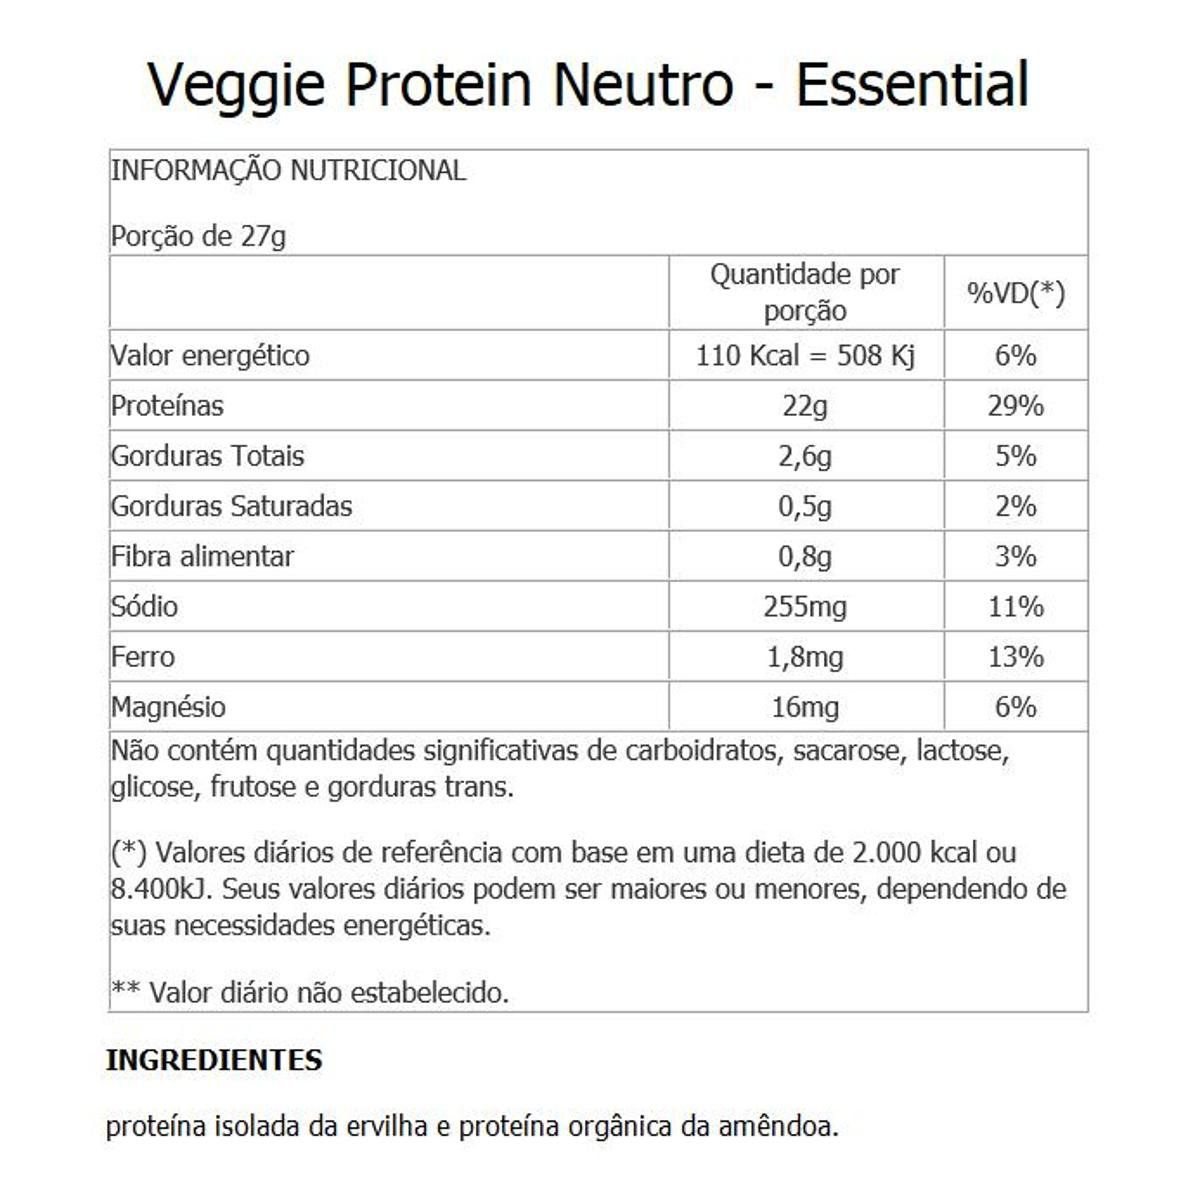 VEGGIE PROTEIN NEUTRO 405GR - ESSENTIAL NUTRITION